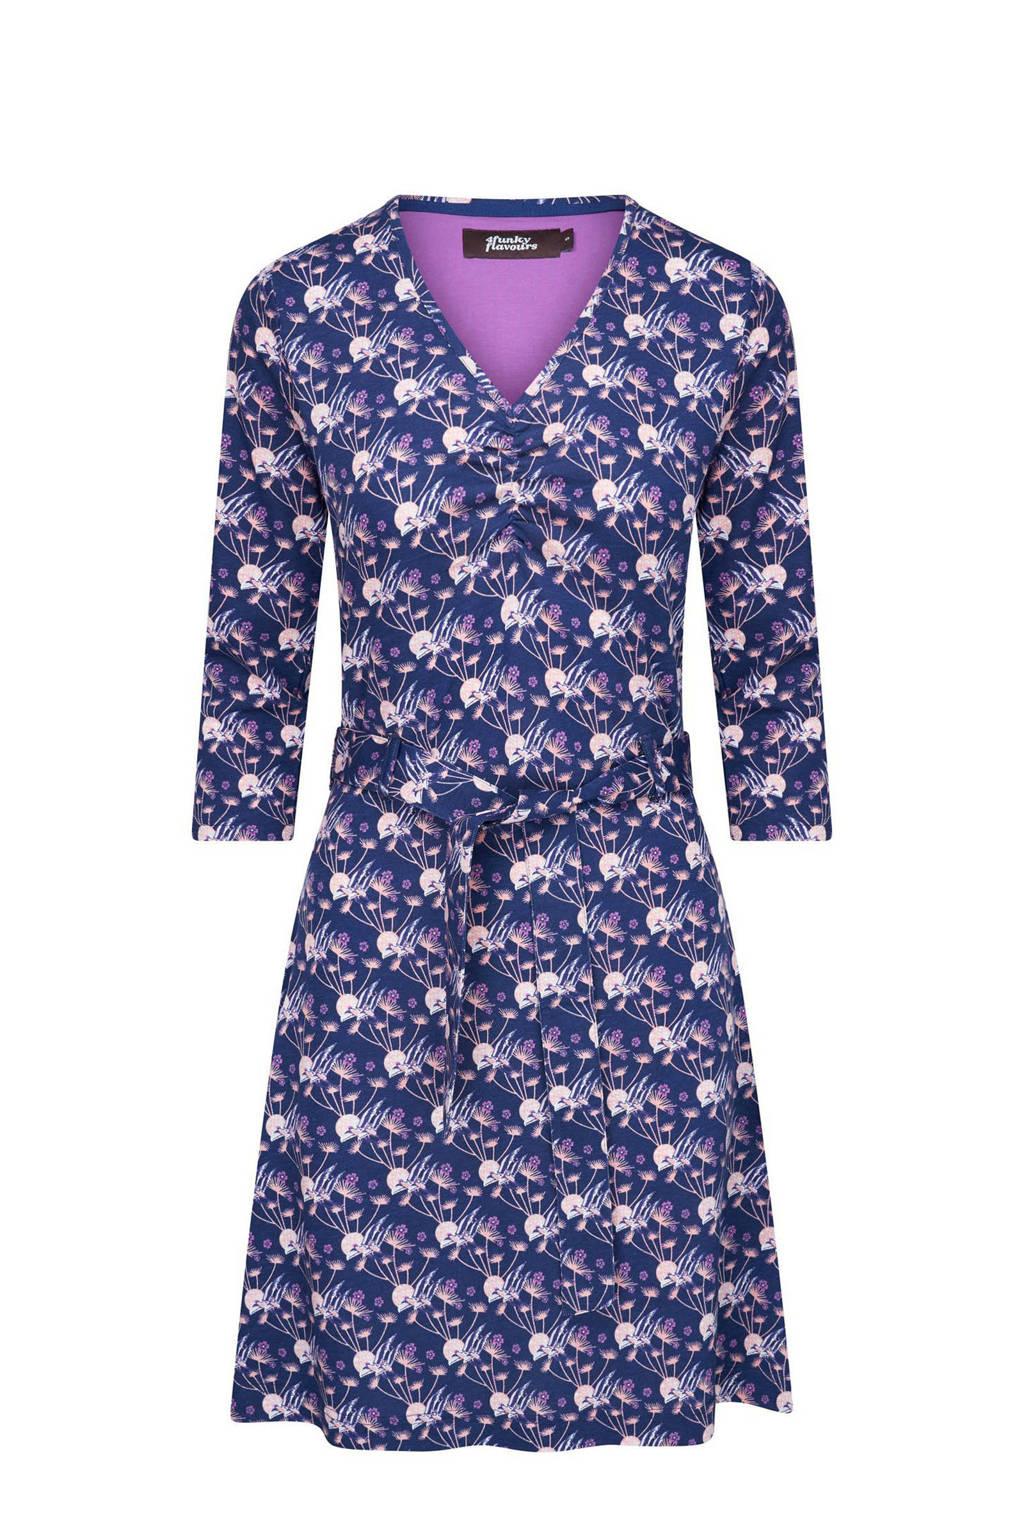 4funkyflavours A-lijn jurk My Joy met all over print en ruches donkerblauw/paars/ecru, Donkerblauw/paars/ecru